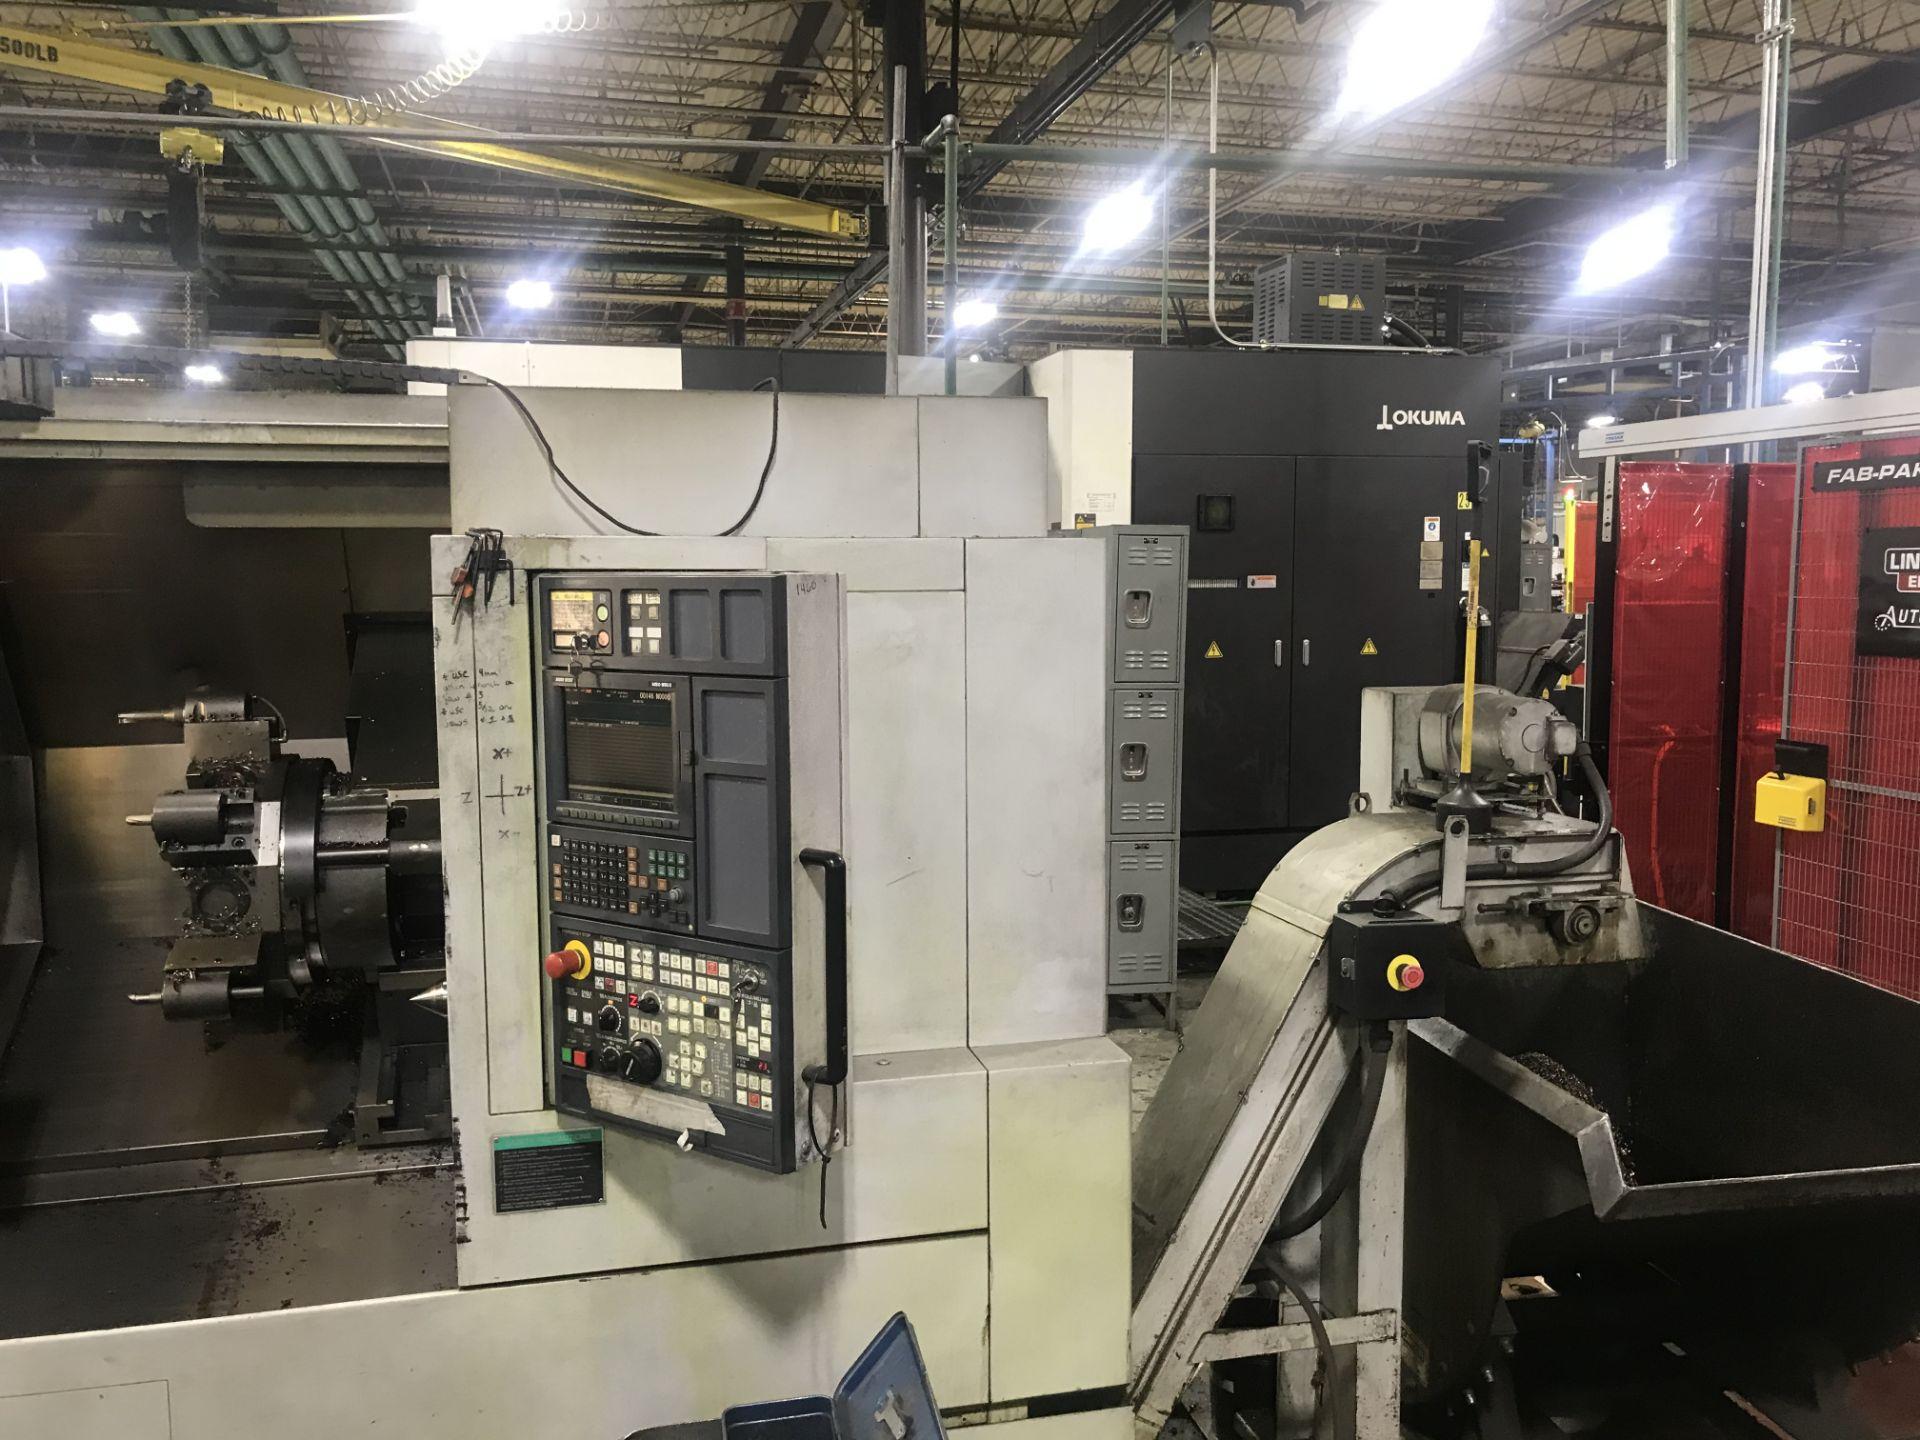 2006 Mori Seiki NL2500/700 CNC Turning Center - Image 2 of 12